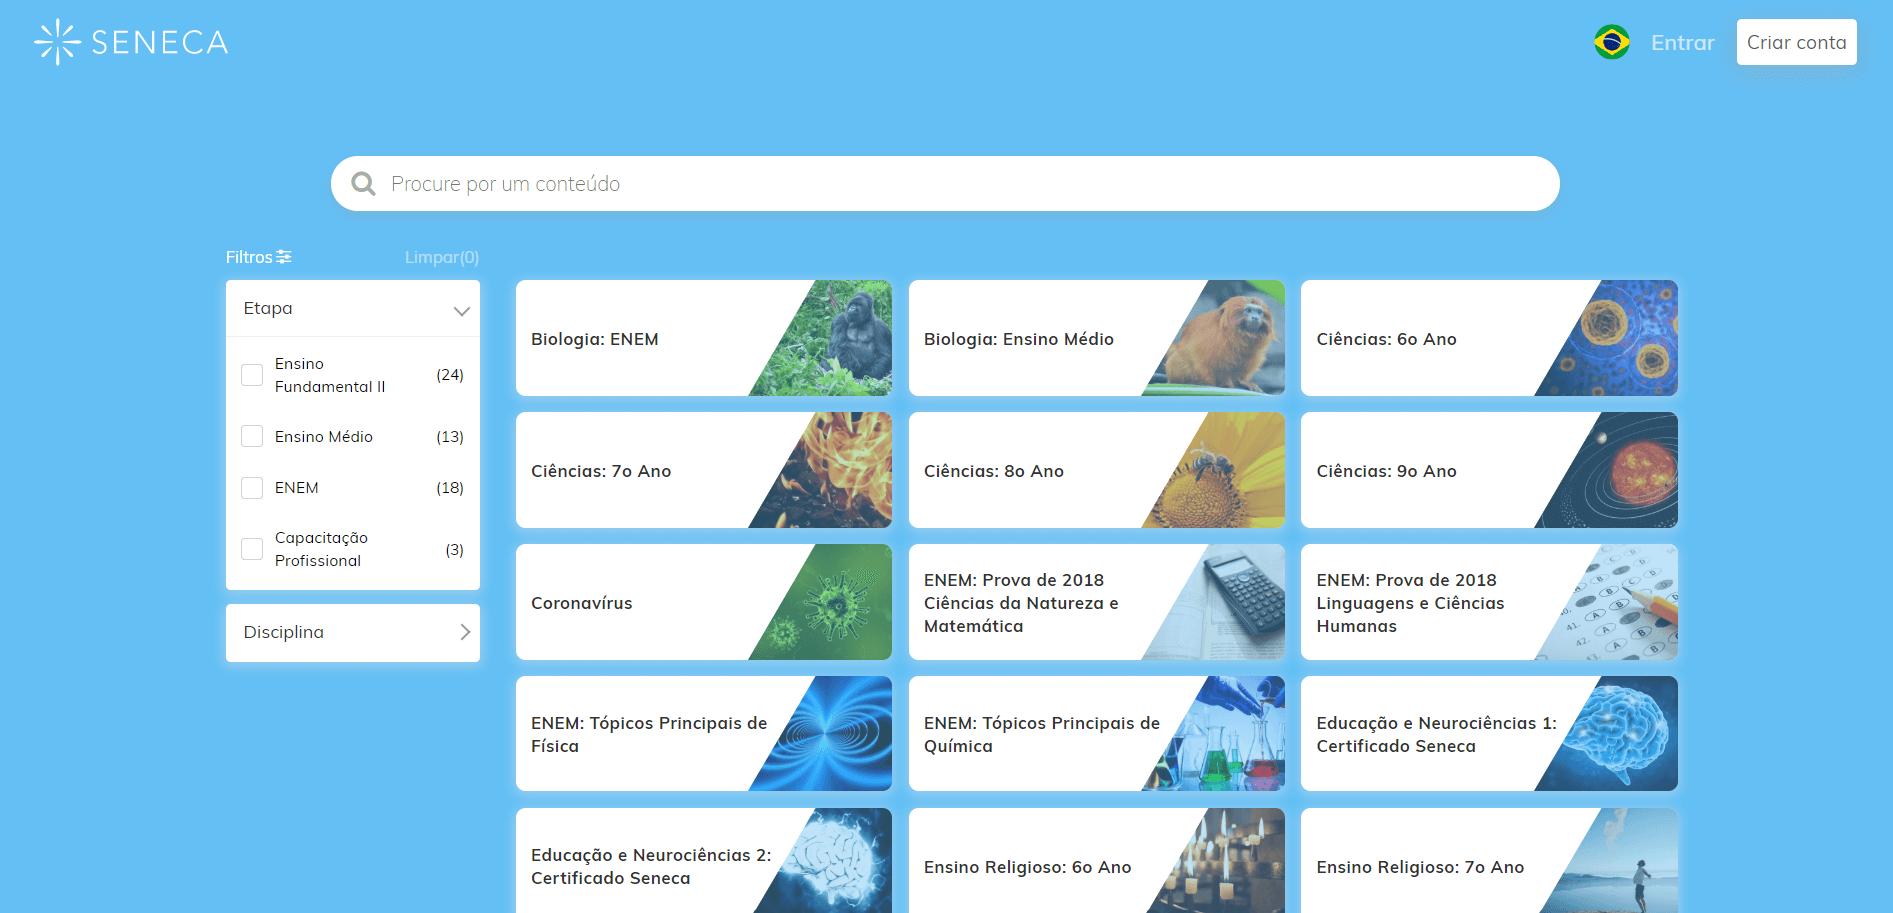 Lista de conteúdos e atividades grátis oferecidas pela plataforma online Seneca gratuitamente, cobrindo Ensino Fundamental, Ensino Médio e ENEM, seguindo a nova BNCC